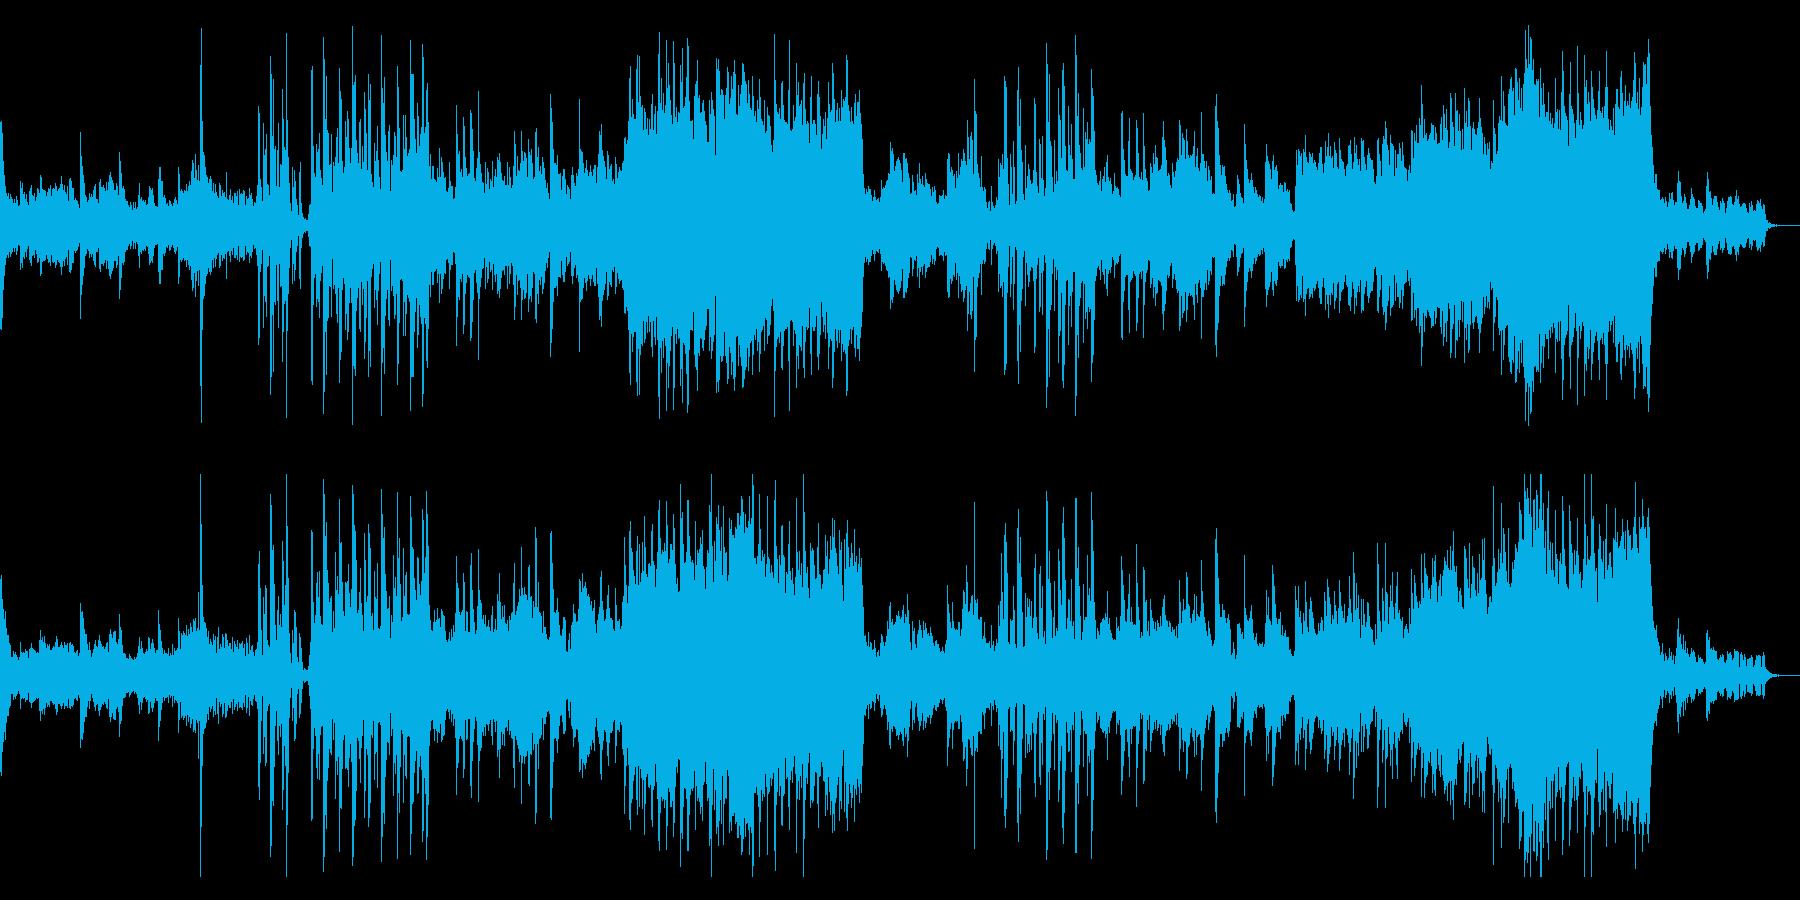 穏やかで神秘的なオーケストラ曲の再生済みの波形